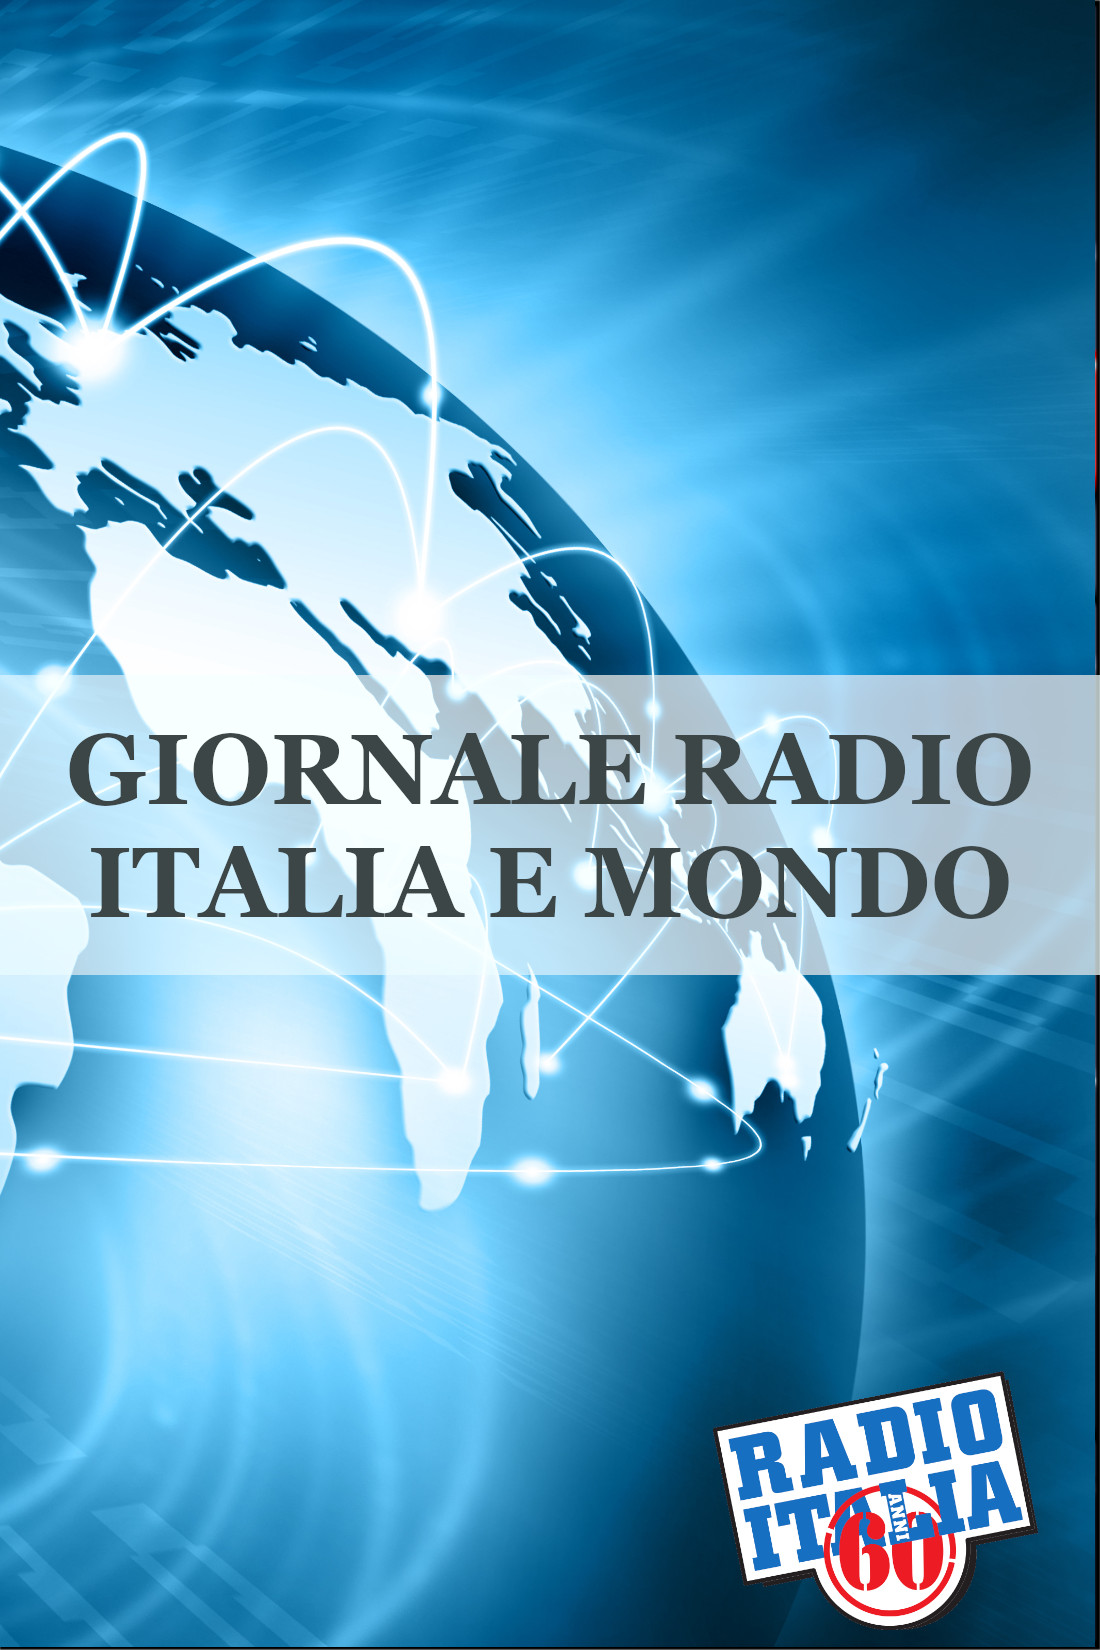 GIORNALE RADIO NAZIONALE